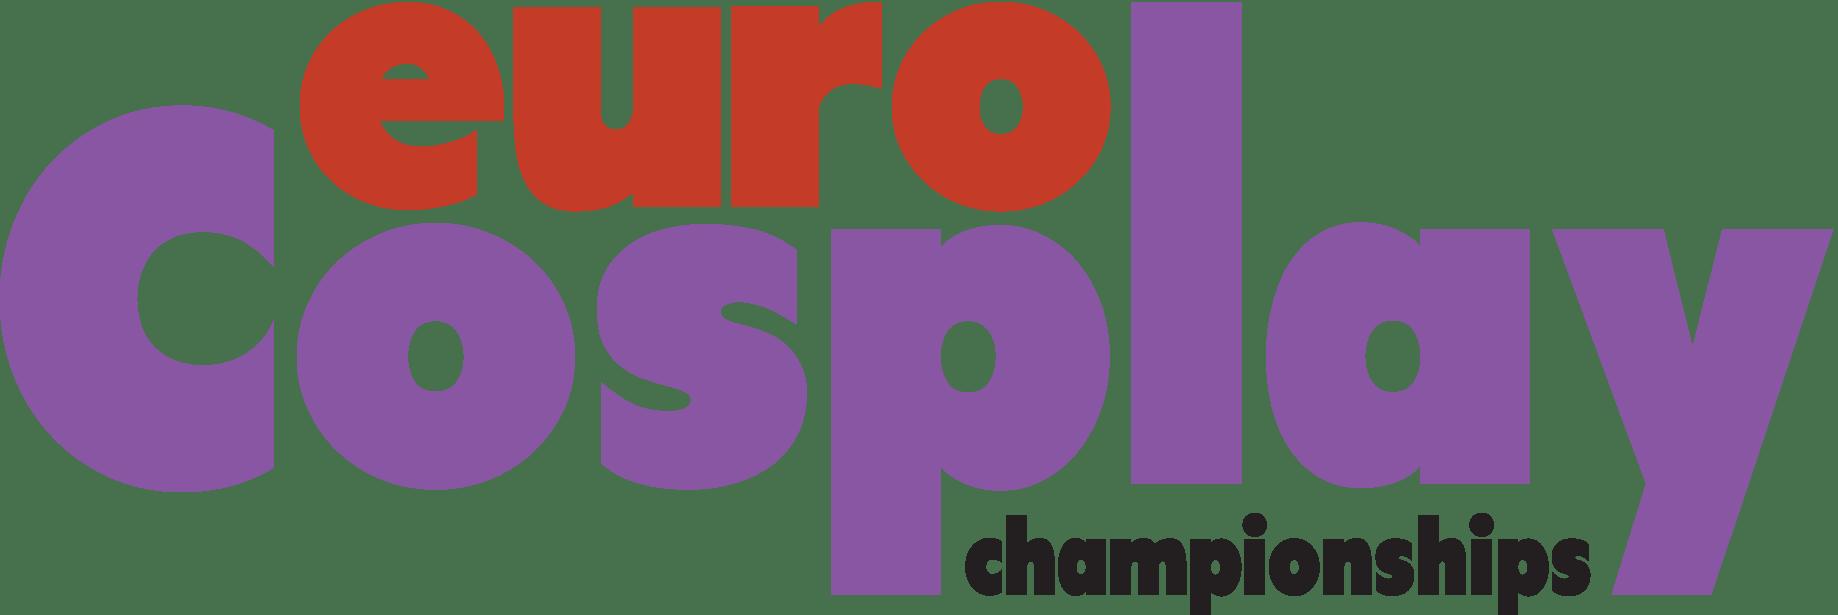 EuroCosplay Championships